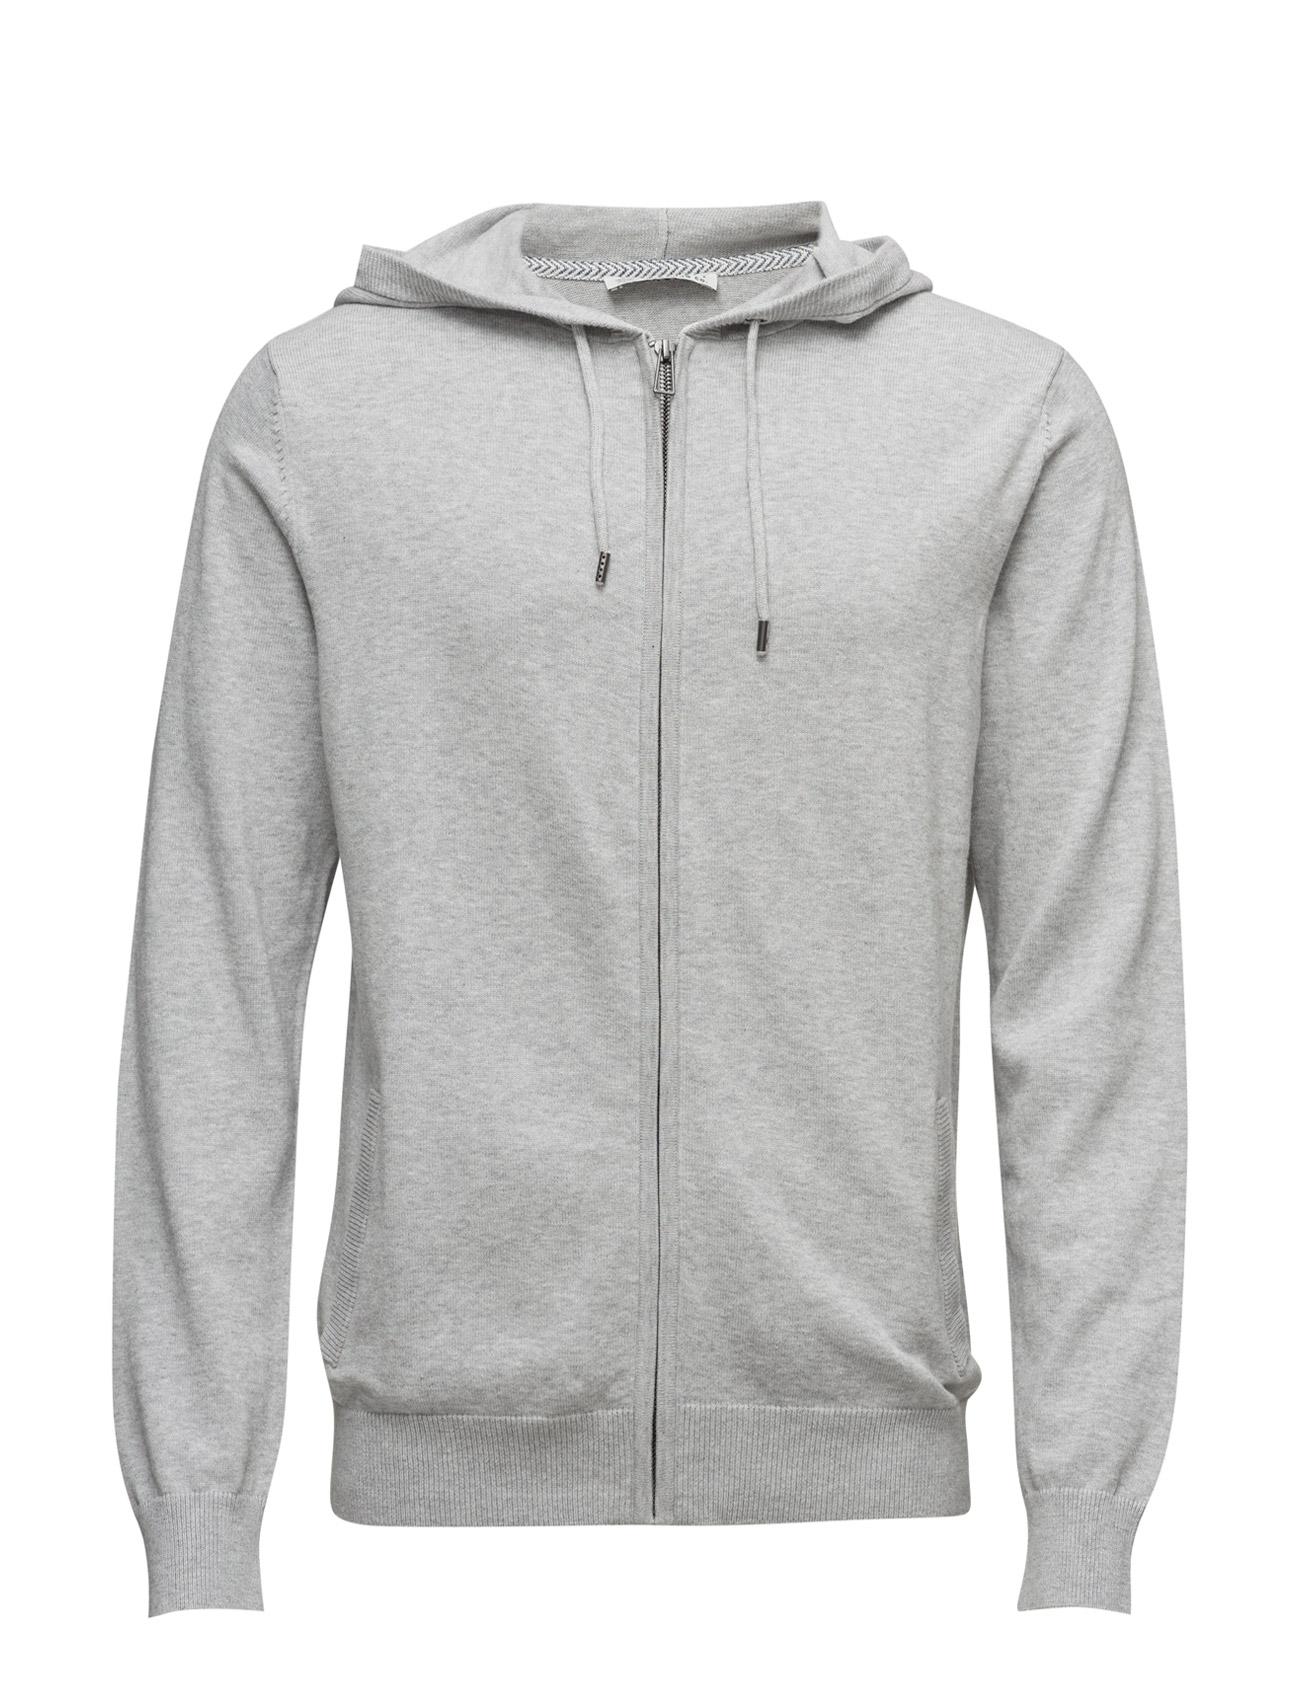 Sweaters Esprit Casual Hættetrøjer til Herrer i Lysegrå